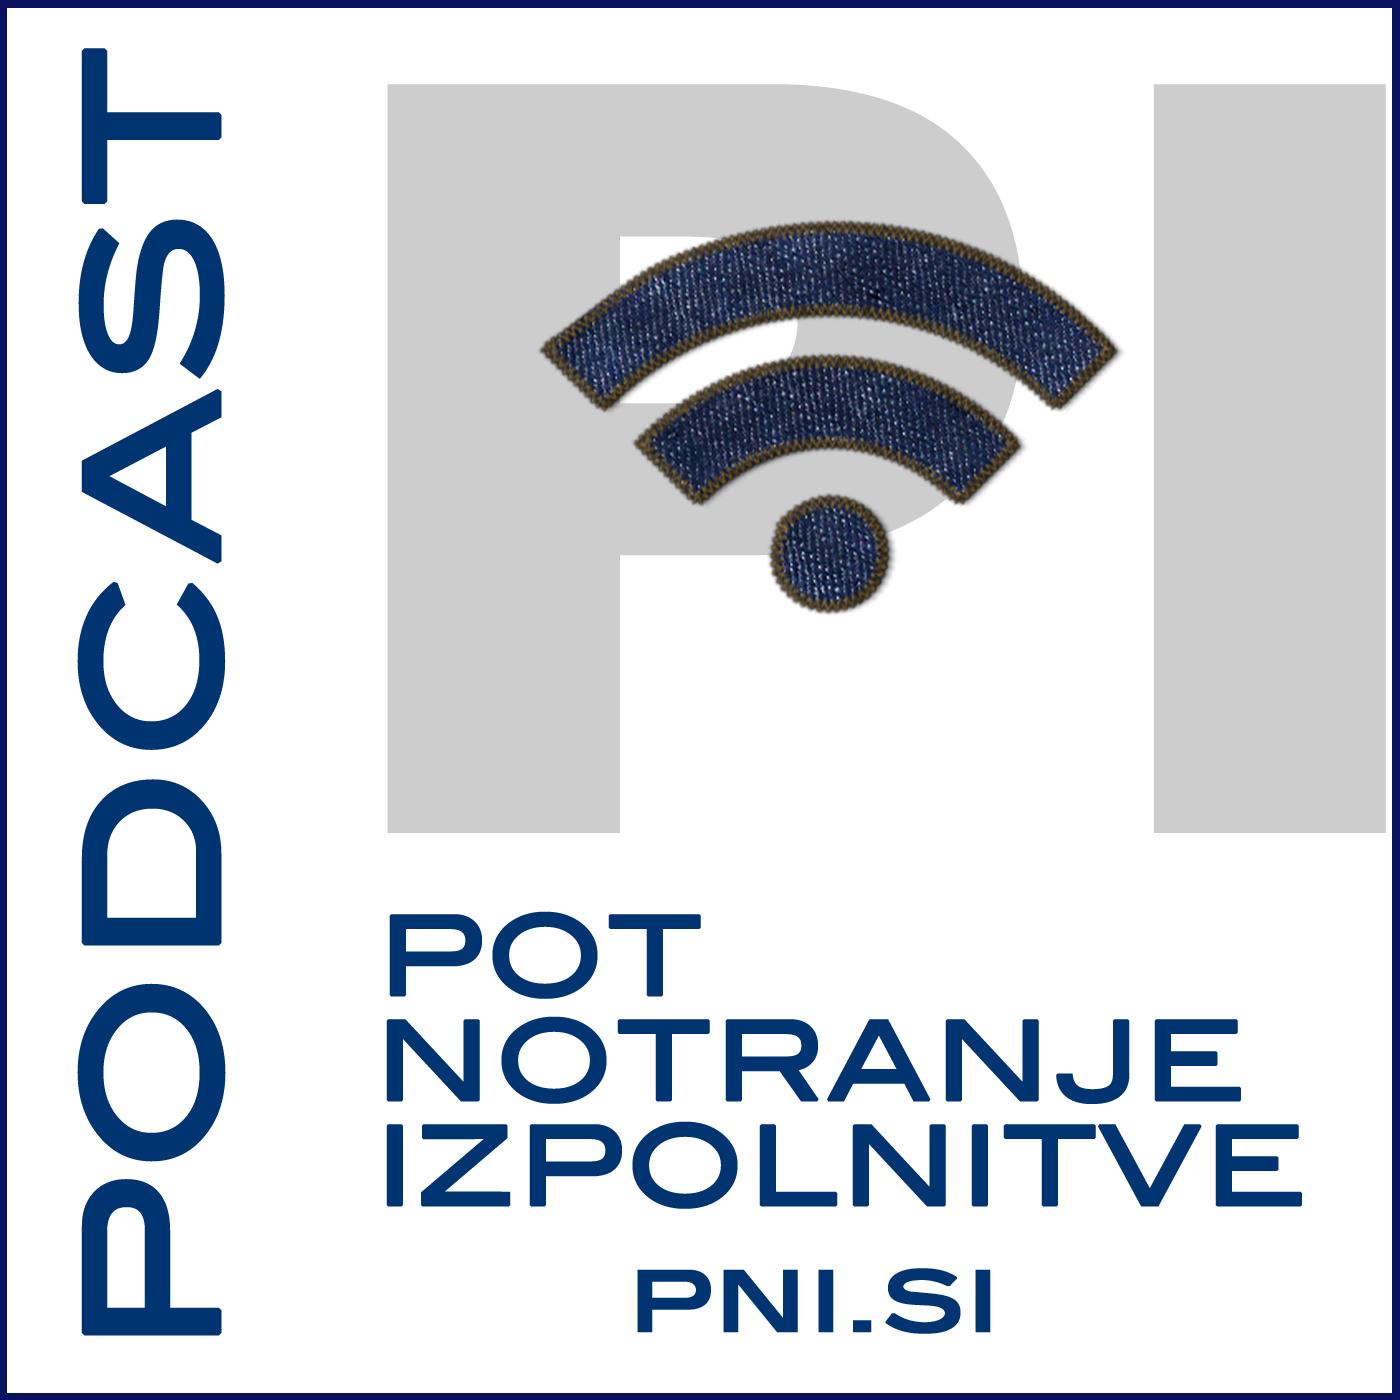 Podcast POT NOTRANJE IZPOLNITVE – Podcast.si